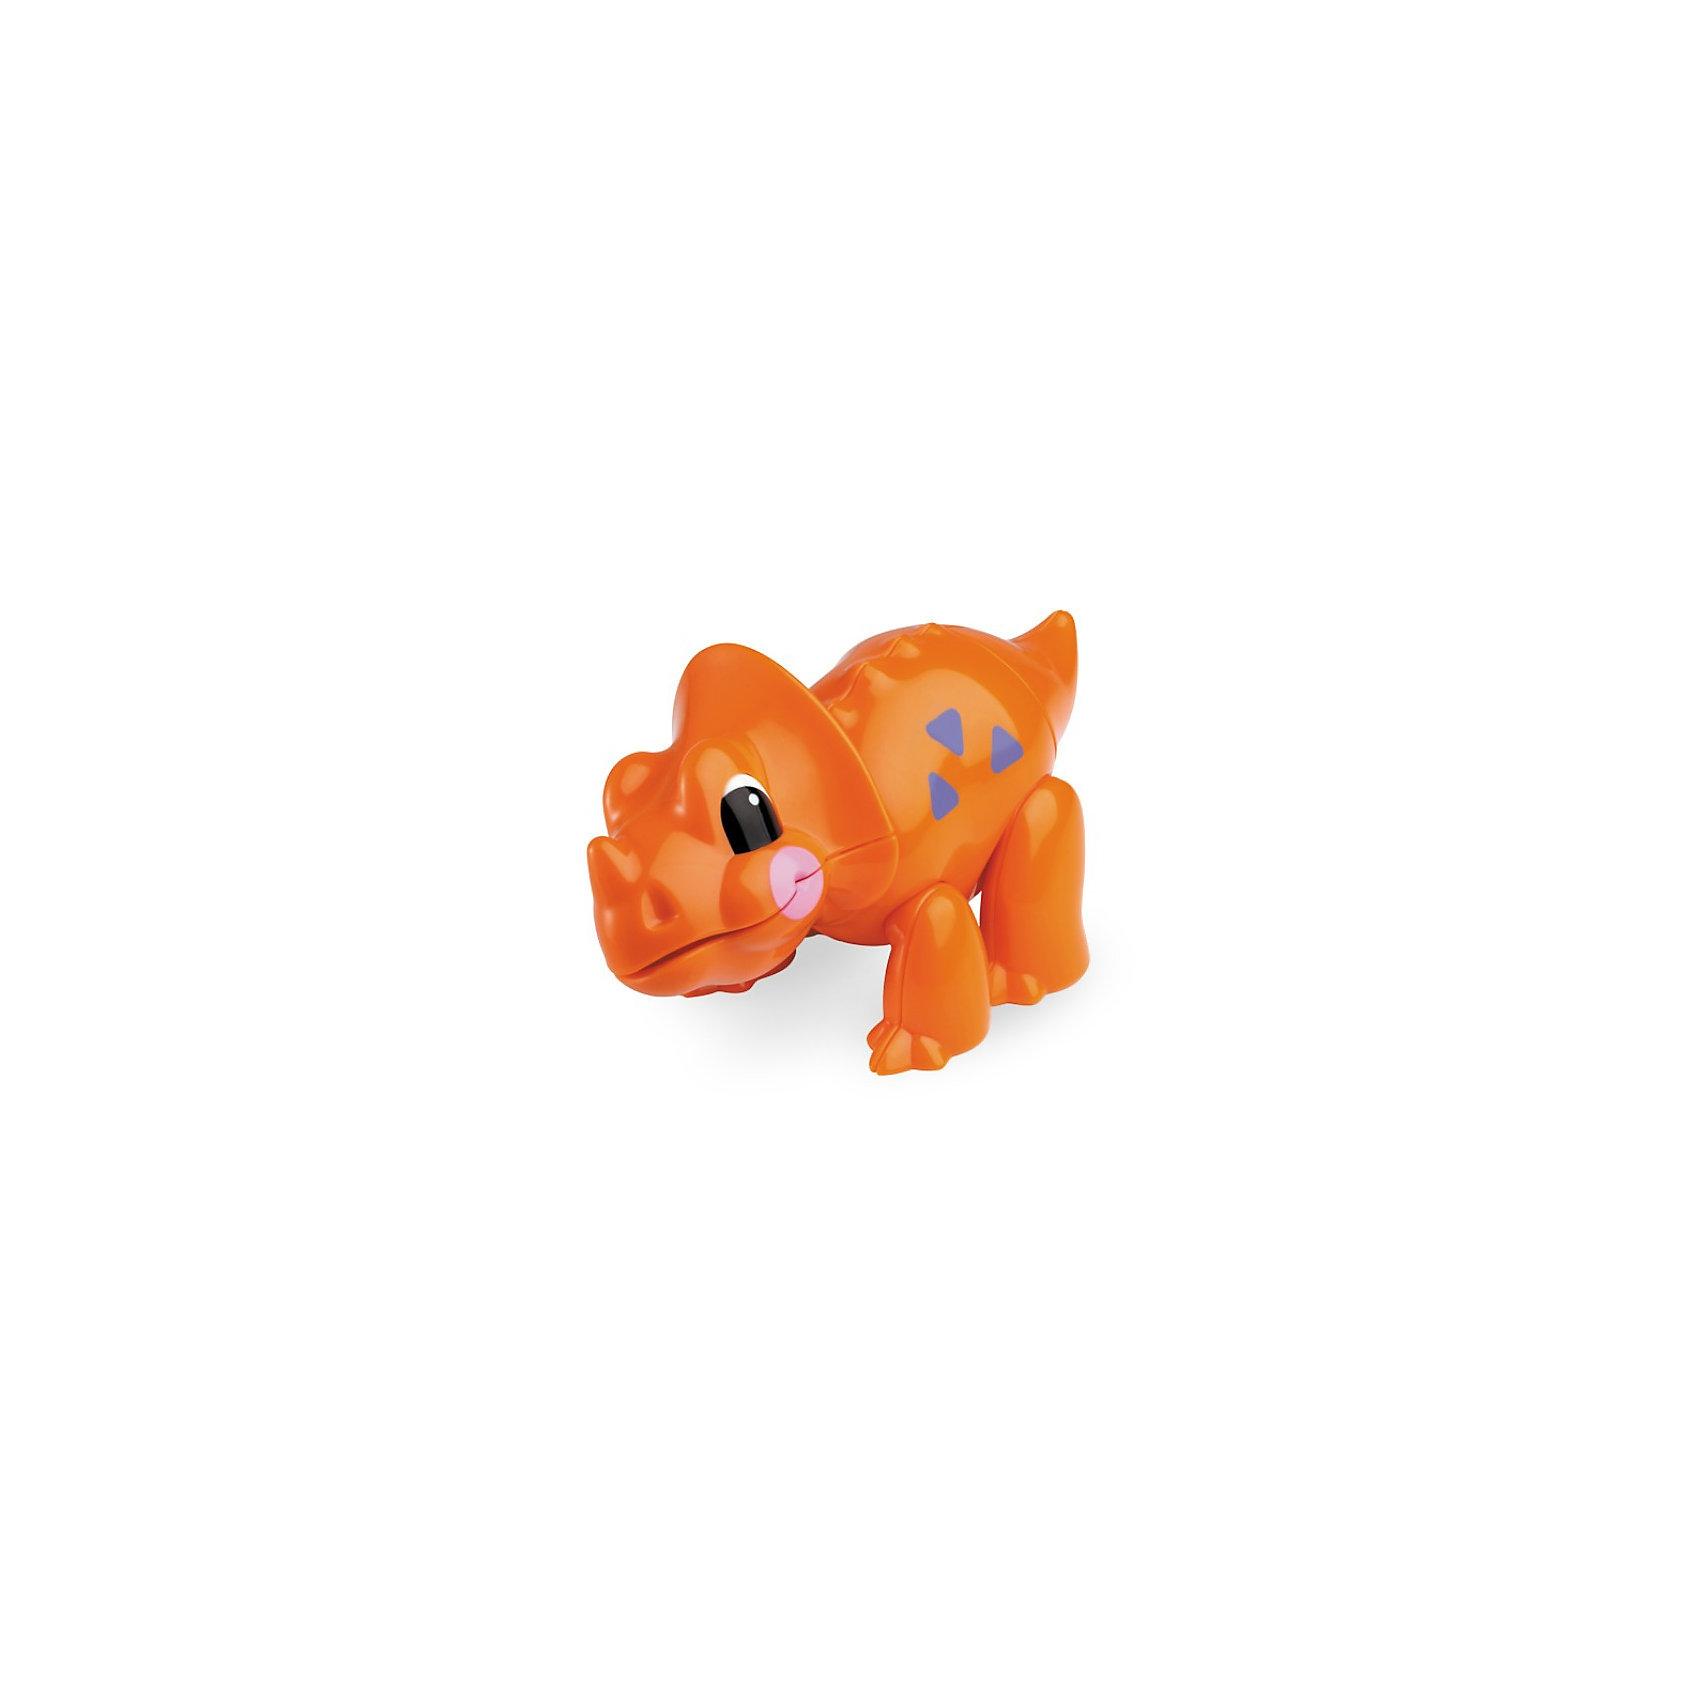 Фигурка Трицератопс, Первые друзья, TOLOДраконы и динозавры<br>Фигурка Трицератопс, Первые друзья, TOLO (ТОЛО) – эта яркая красочная игрушка привлечет внимание Вашего малыша и не позволит ему скучать.<br>Фигурка Трицератопс из серии Первые друзья, TOLO (ТОЛО) создаст малышам прекрасное настроение и познакомит их с миром доисторических динозавров. Больше всего трицератопс любит лакомиться доисторическими цветами. С веселым пощелкиванием у фигурки поворачиваются голова, хвост. Подвижные лапы позволяют задавать фигурке различные положения. Игрушка способствует развитию координации движений, моторики, распознаванию цветов и звуков, помогает формировать первые навыки сюжетно-ролевой игры. Игрушки Толо производятся из пластика самого высокого качества и гипоаллергенных красителей. Они абсолютно безопасны для малышей, не бьются, не ломаются, крепкие и прочные.<br><br>Дополнительная информация:<br><br>- Размер: 12 х 5 х 7,5 см.<br>- Материал: высококачественный пластик<br><br>Фигурка Трицератопс, Первые друзья, TOLO (ТОЛО) - обязательно понравится Вашему малышу.<br><br>Фигурку Трицератопс, Первые друзья, TOLO (ТОЛО) можно купить в нашем интернет-магазине.<br><br>Ширина мм: 120<br>Глубина мм: 50<br>Высота мм: 80<br>Вес г: 72<br>Возраст от месяцев: 12<br>Возраст до месяцев: 60<br>Пол: Унисекс<br>Возраст: Детский<br>SKU: 3689004